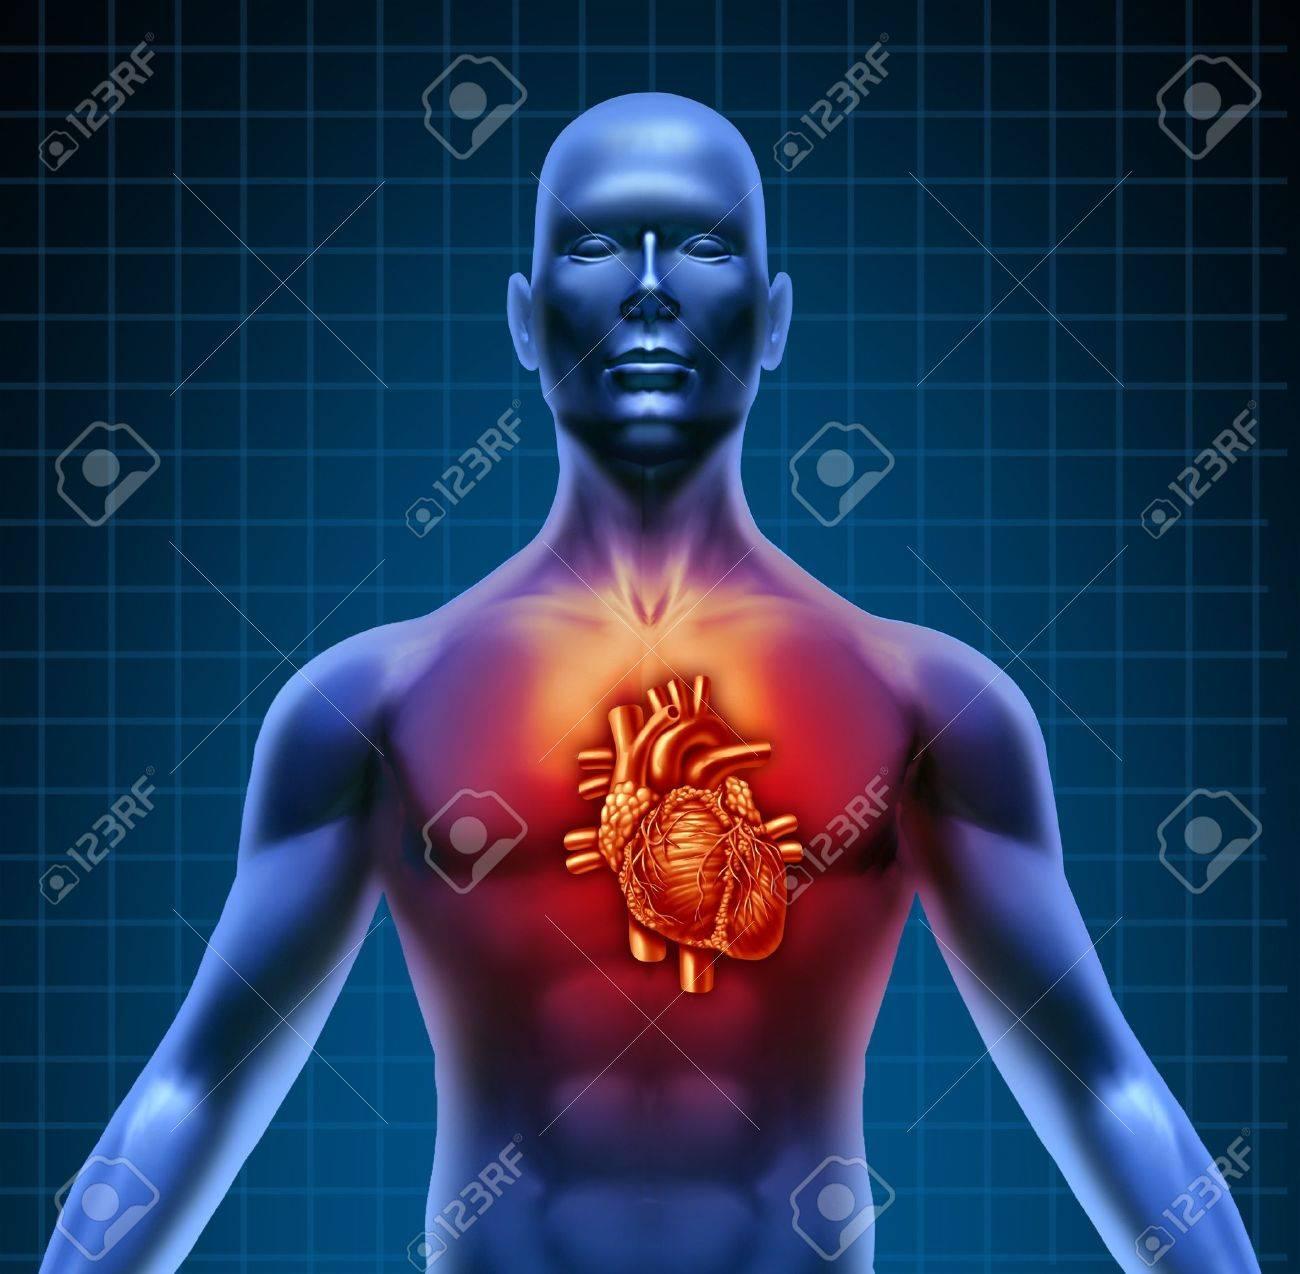 Menschlichen Torso Mit Rot Beleuchteten Hohe Herz Anatomie Von Einem ...